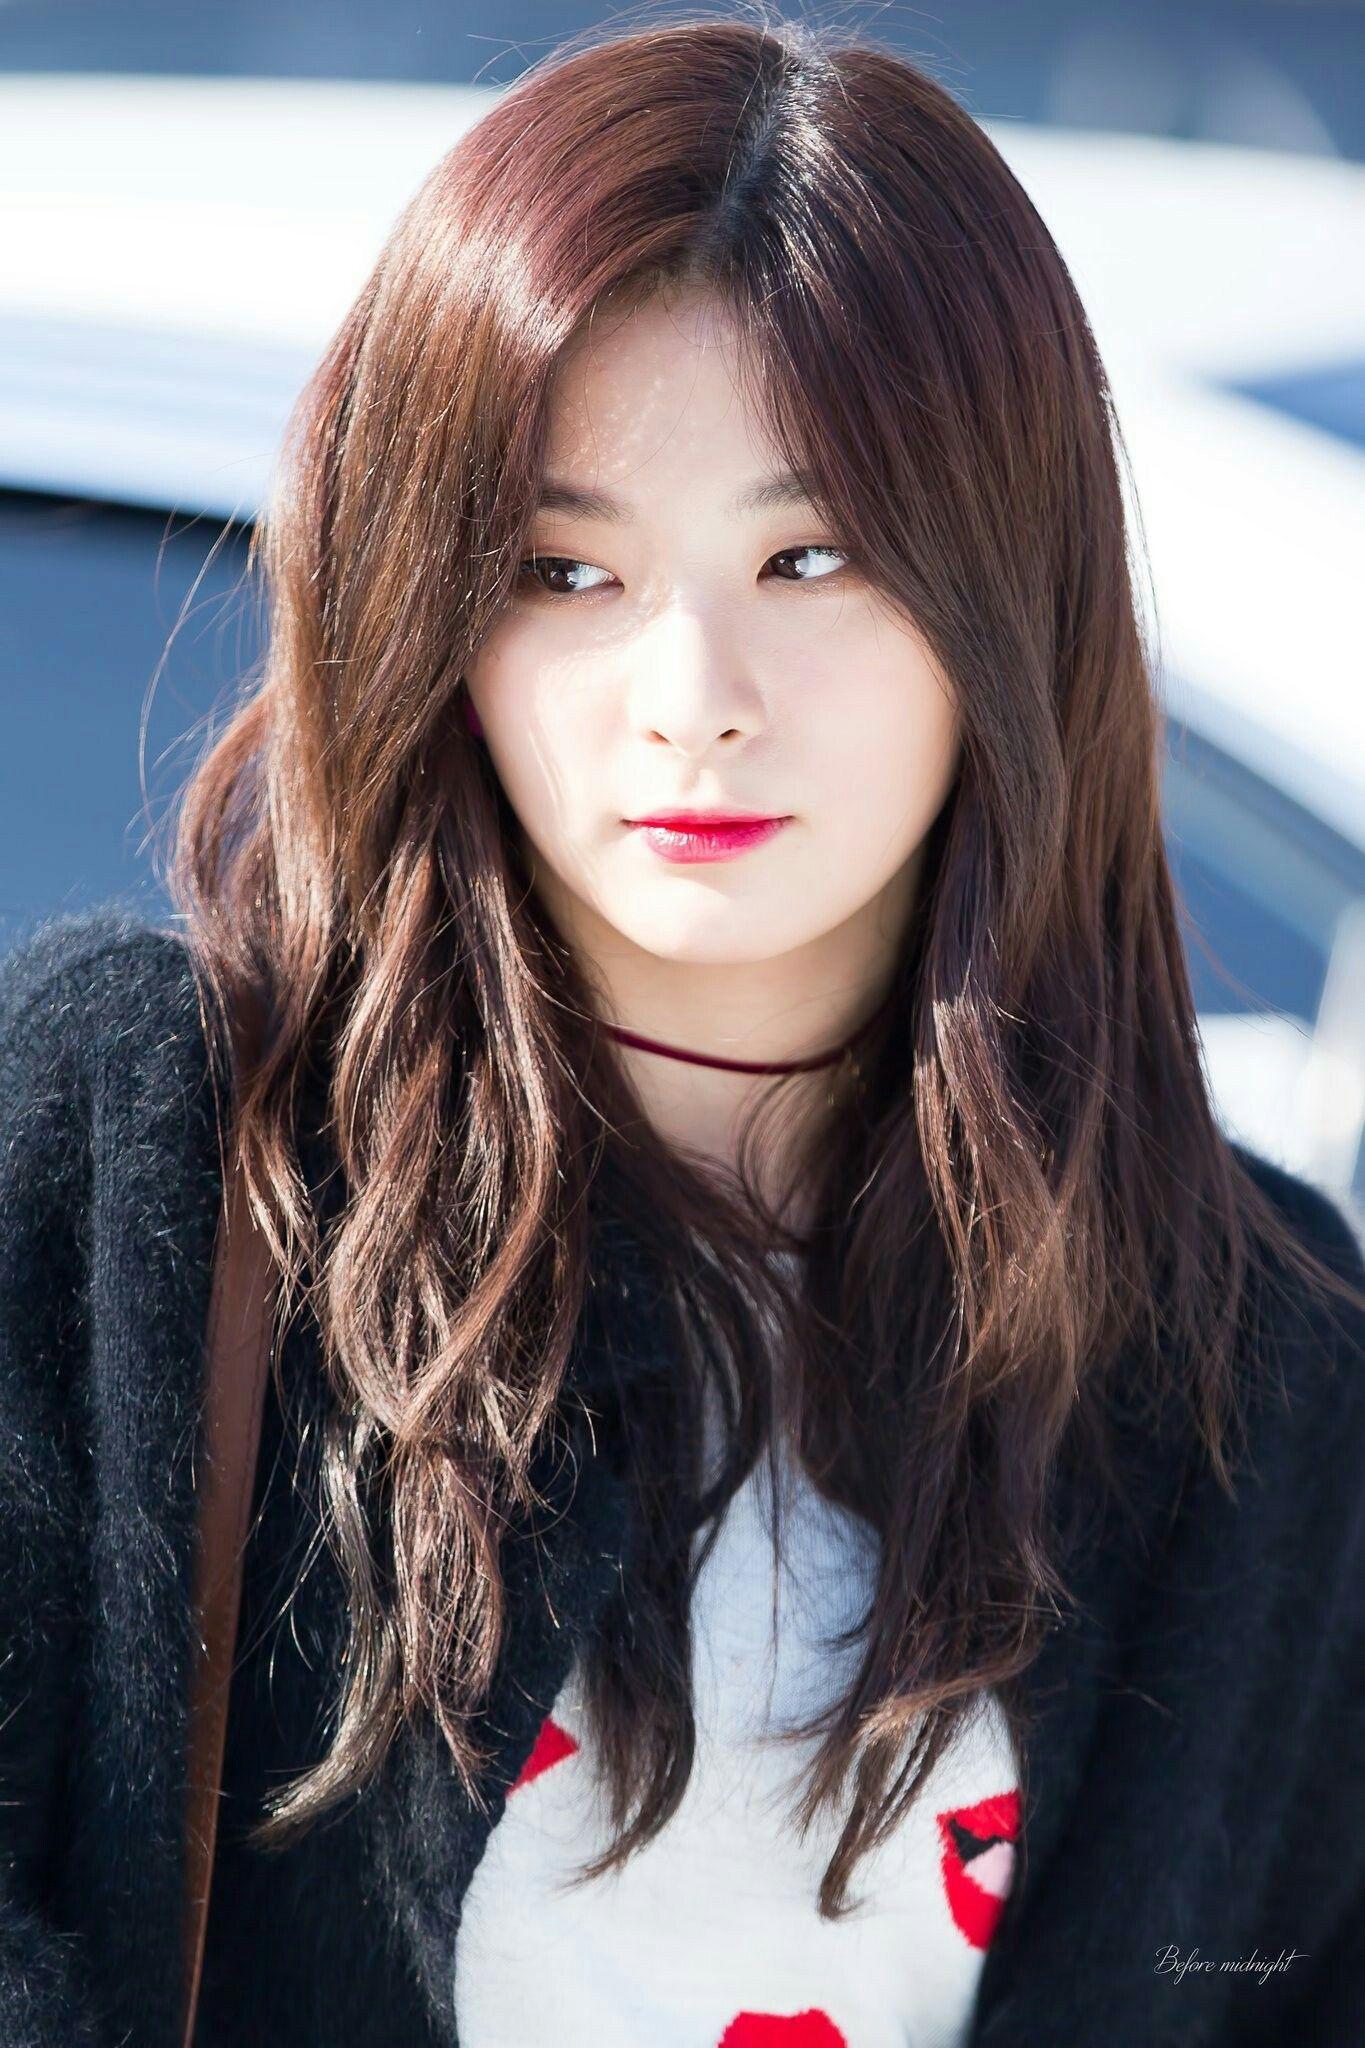 Top 30 idol nữ hot nhất Kpop: Jennie (BLACKPINK) lấn át nữ thần SM, hạng 4 và 5 bất ngờ nhưng Lisa còn khó hiểu hơn - Ảnh 6.